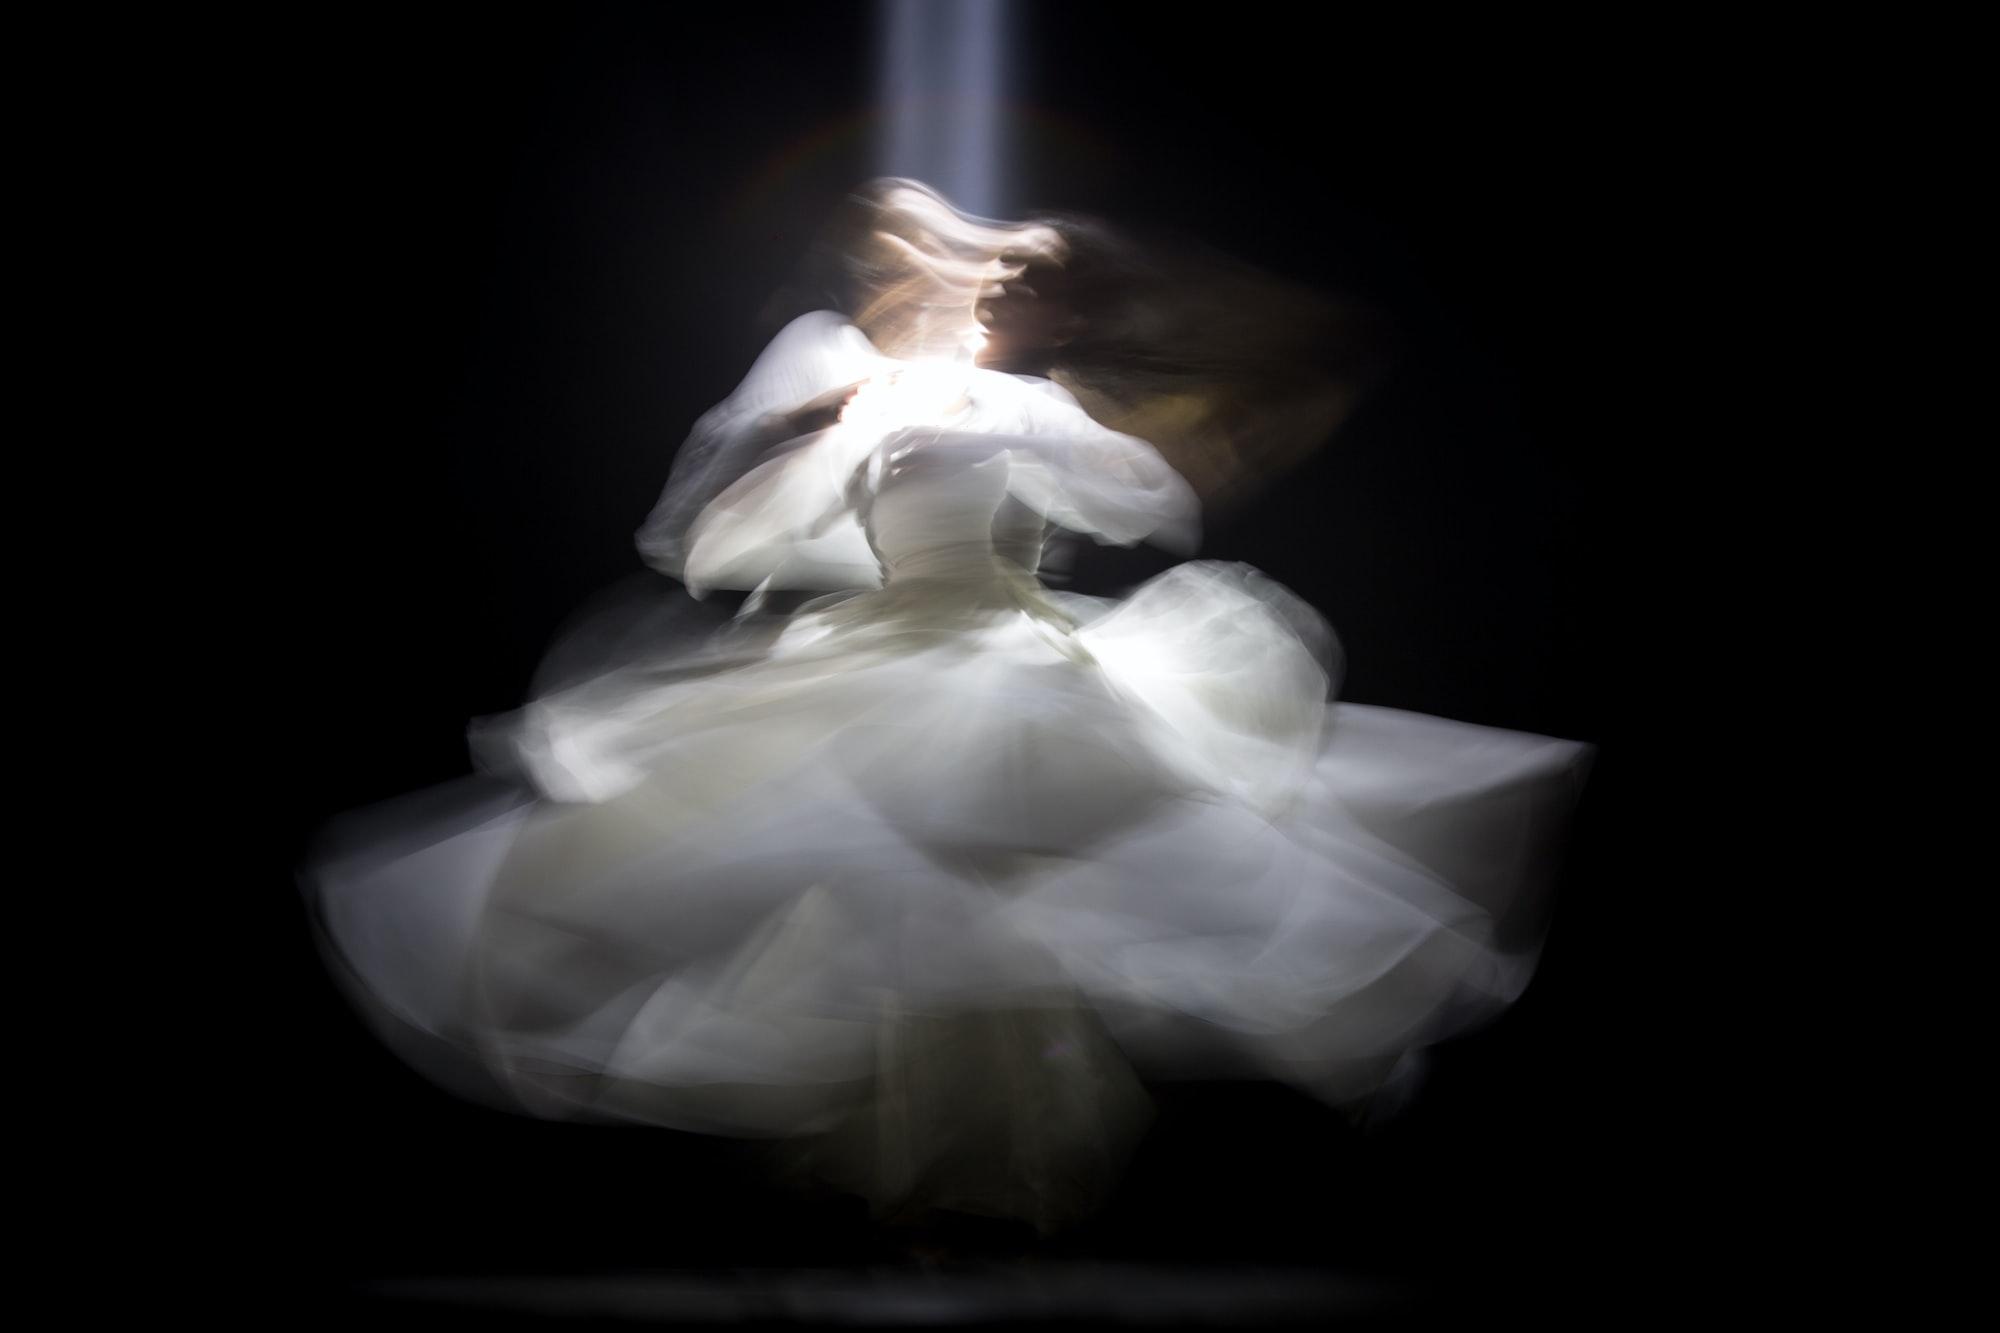 Zen Düşünmenin Ereği Olan Ruhsal Uyanış Bulmaca Anlamı Nedir?